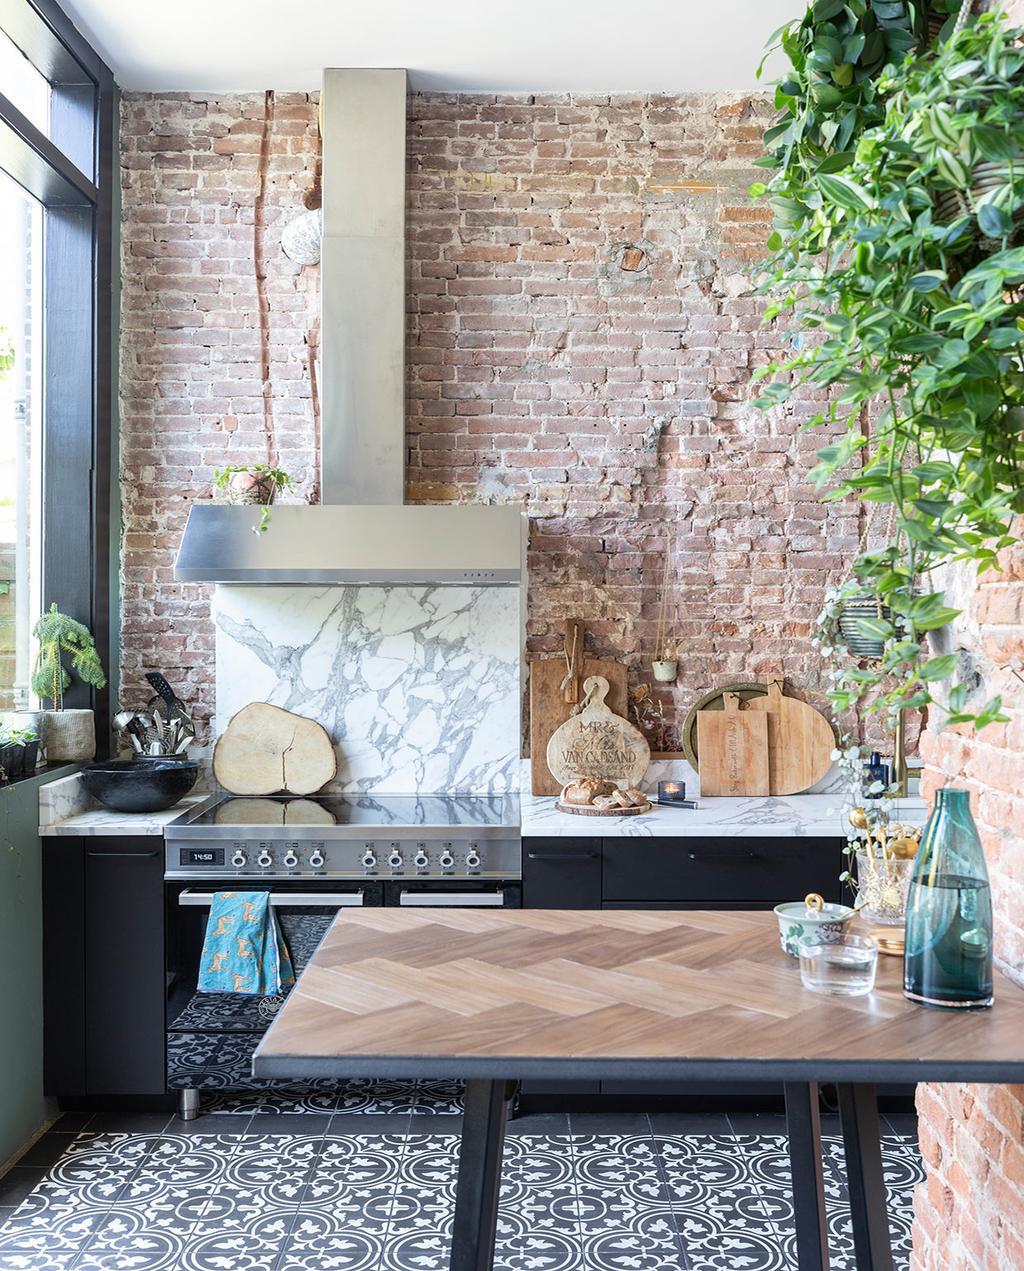 vtwonen 01-2021 | binnenkijken bij interior junkie keuken met marmer en houten snijplanken